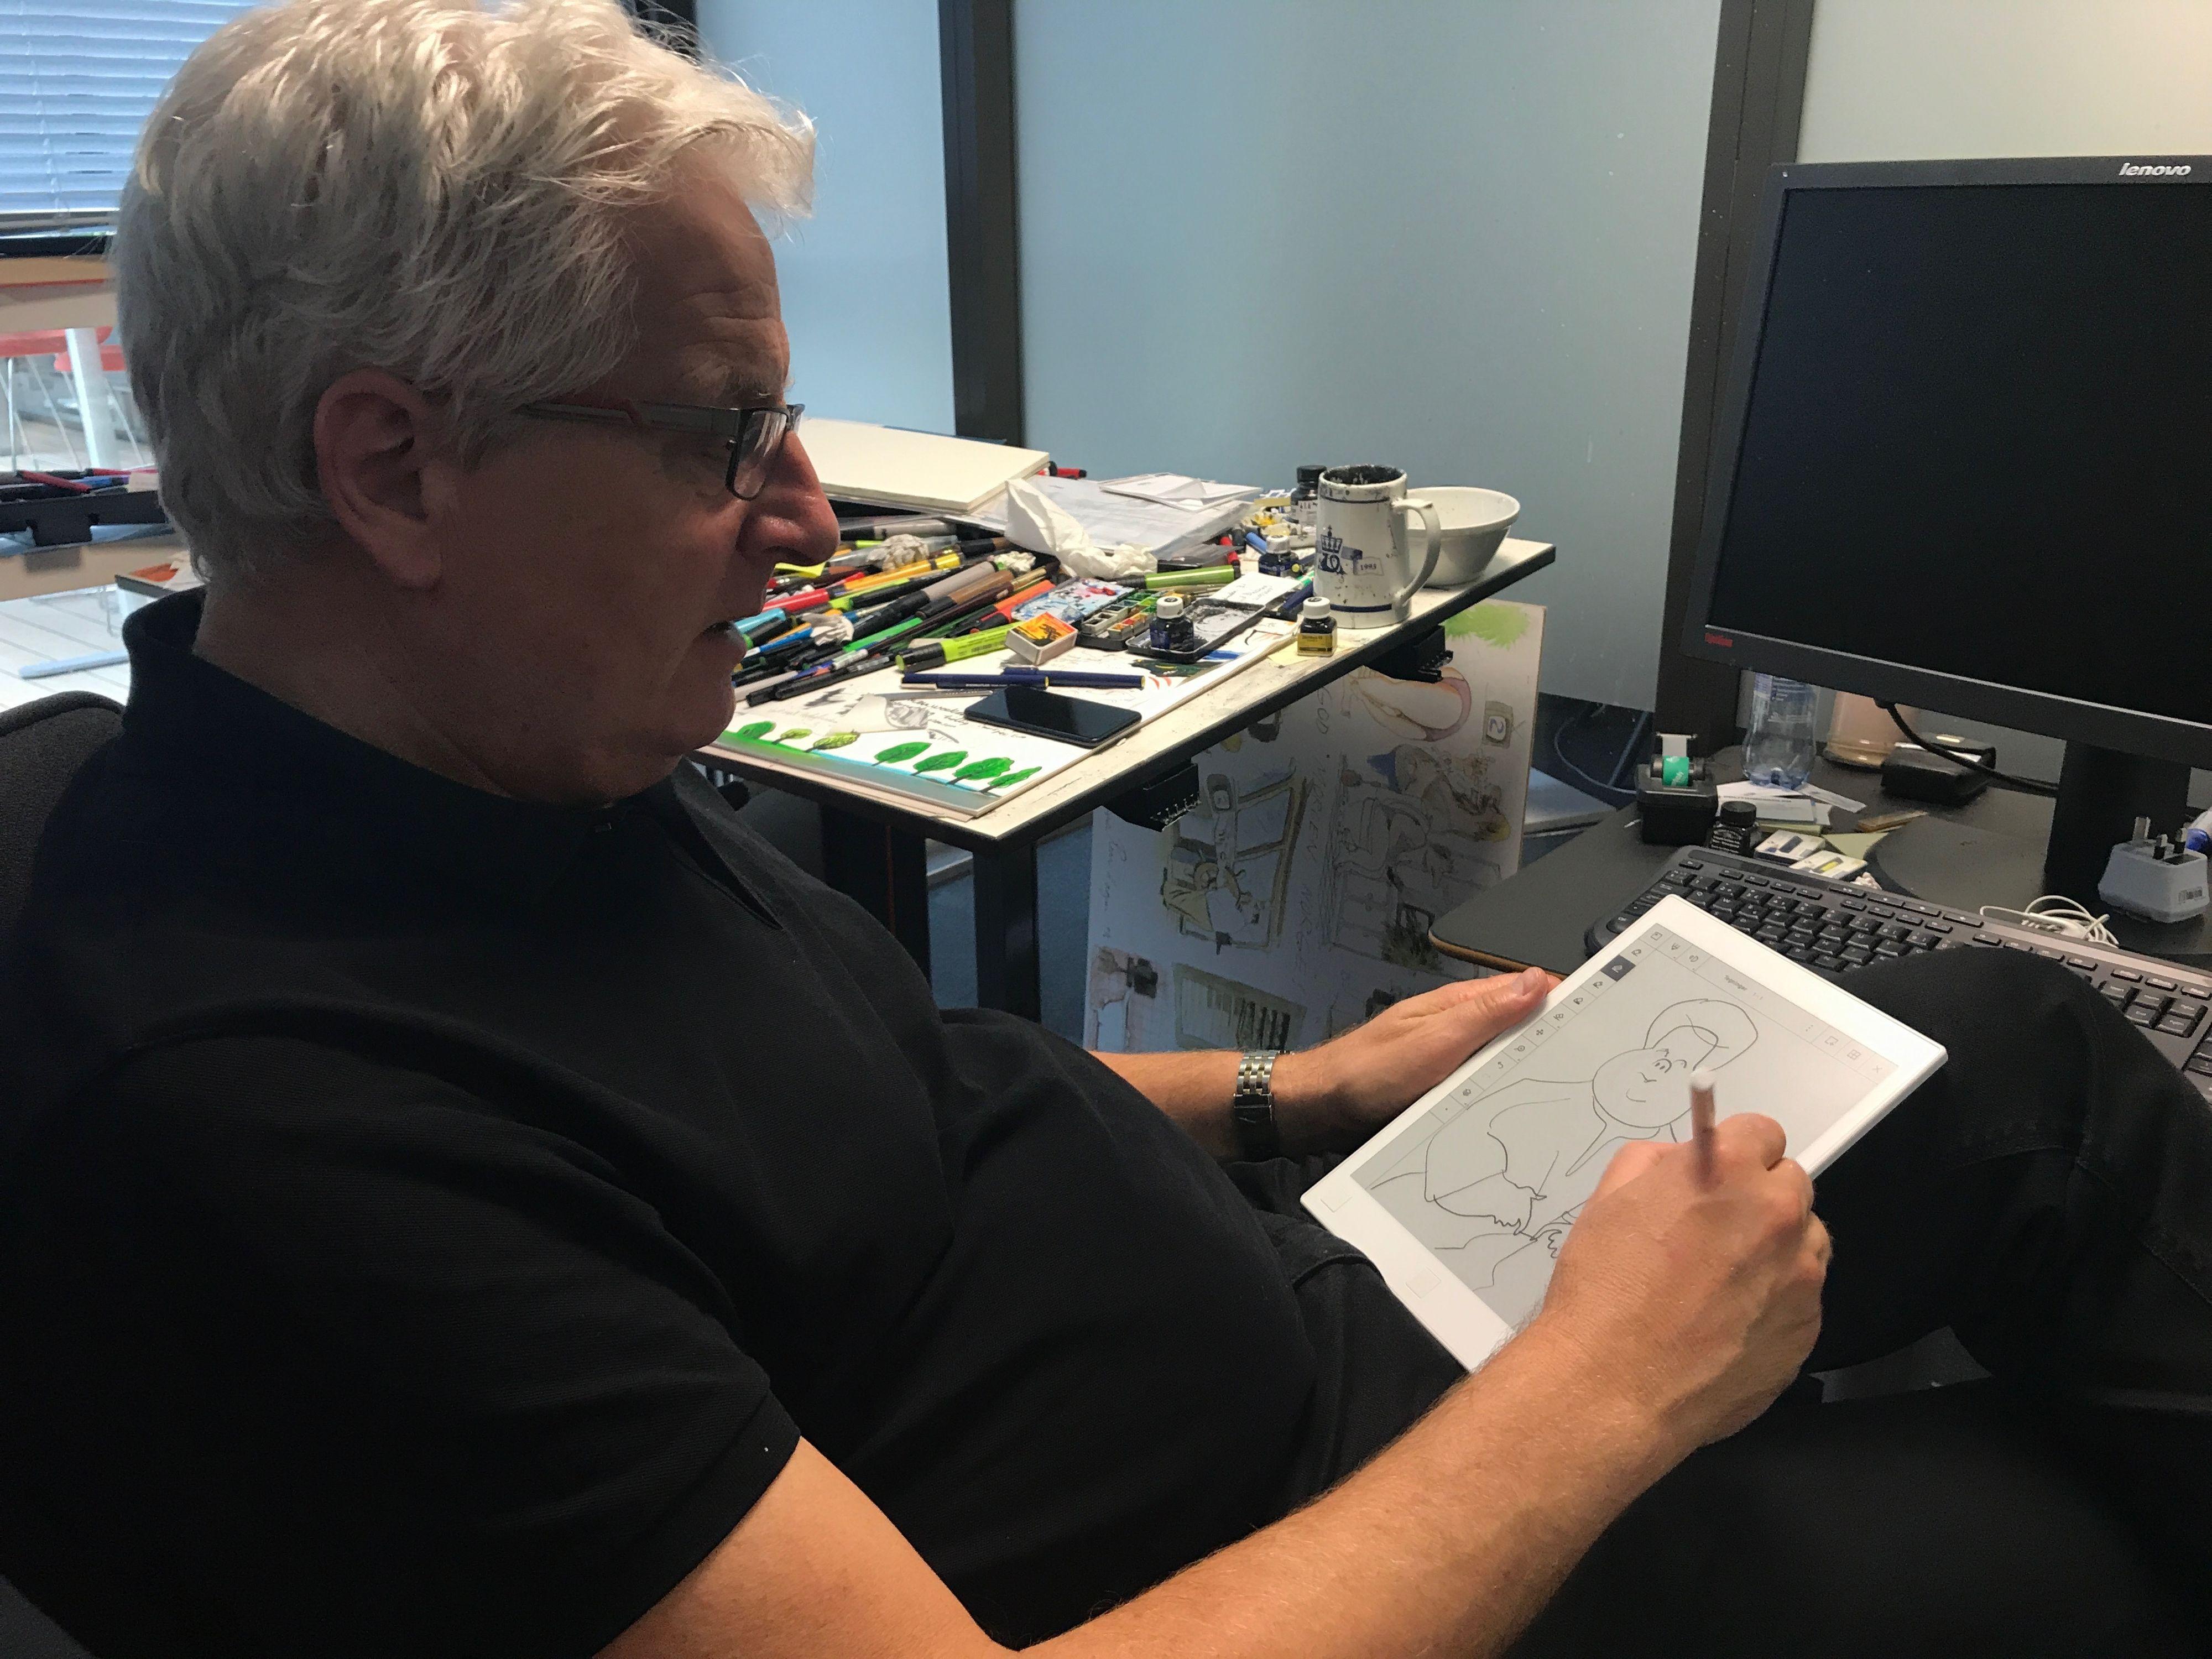 VG-tegner Roar Hagen mente at reMarkable ikke kunne nå opp til iPad Pro-en hans, men det var hovedsaklig på grunn av programvaren.